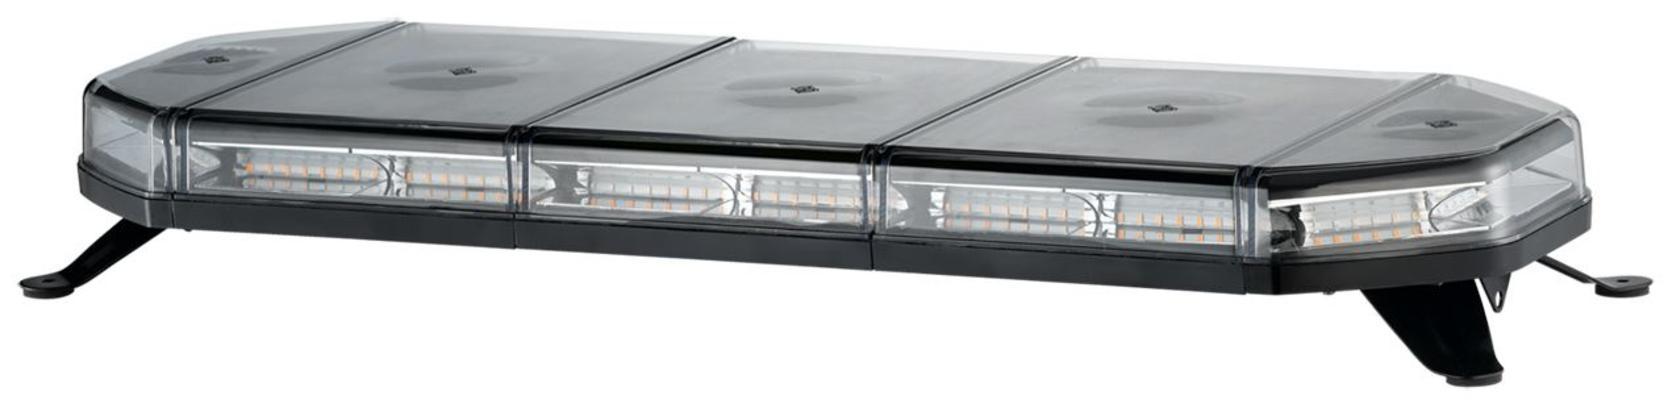 Led-majakkapaneeli 1148 mm, 10-32 V, Strands - Led-majakkapaneeli 1148 mm, 10-32 V